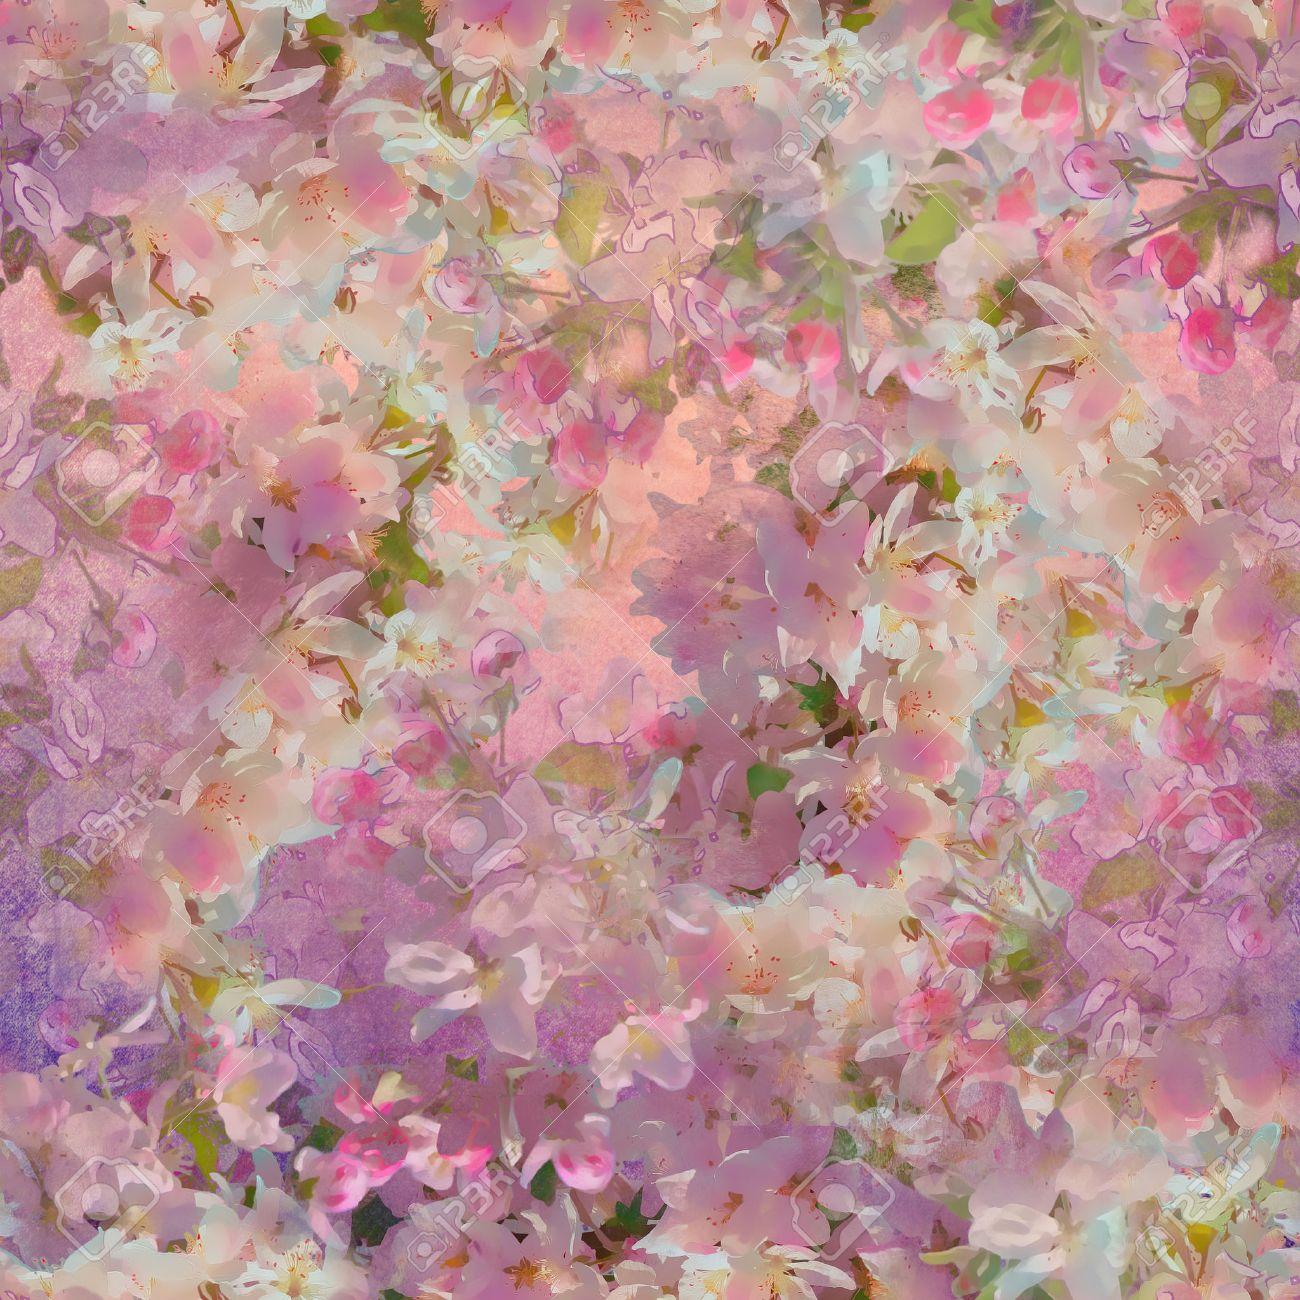 Seamless A La Fleur De Cerisier Au Printemps Peinture Style Art